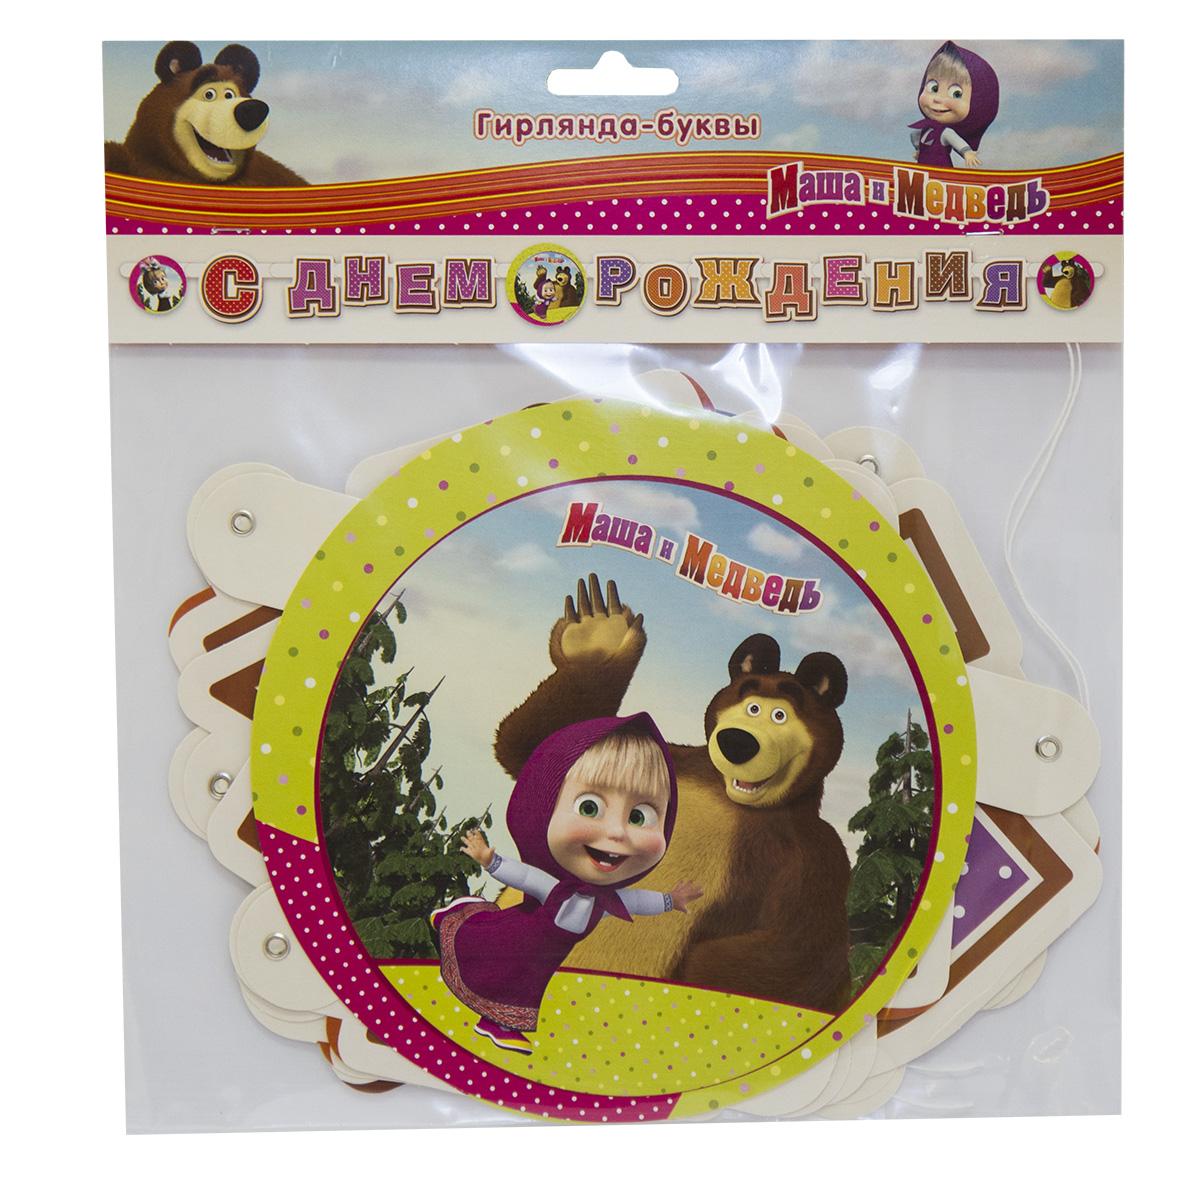 Маша и Медведь Гирлянда-буквы С днем рождения -  Гирлянды и подвески